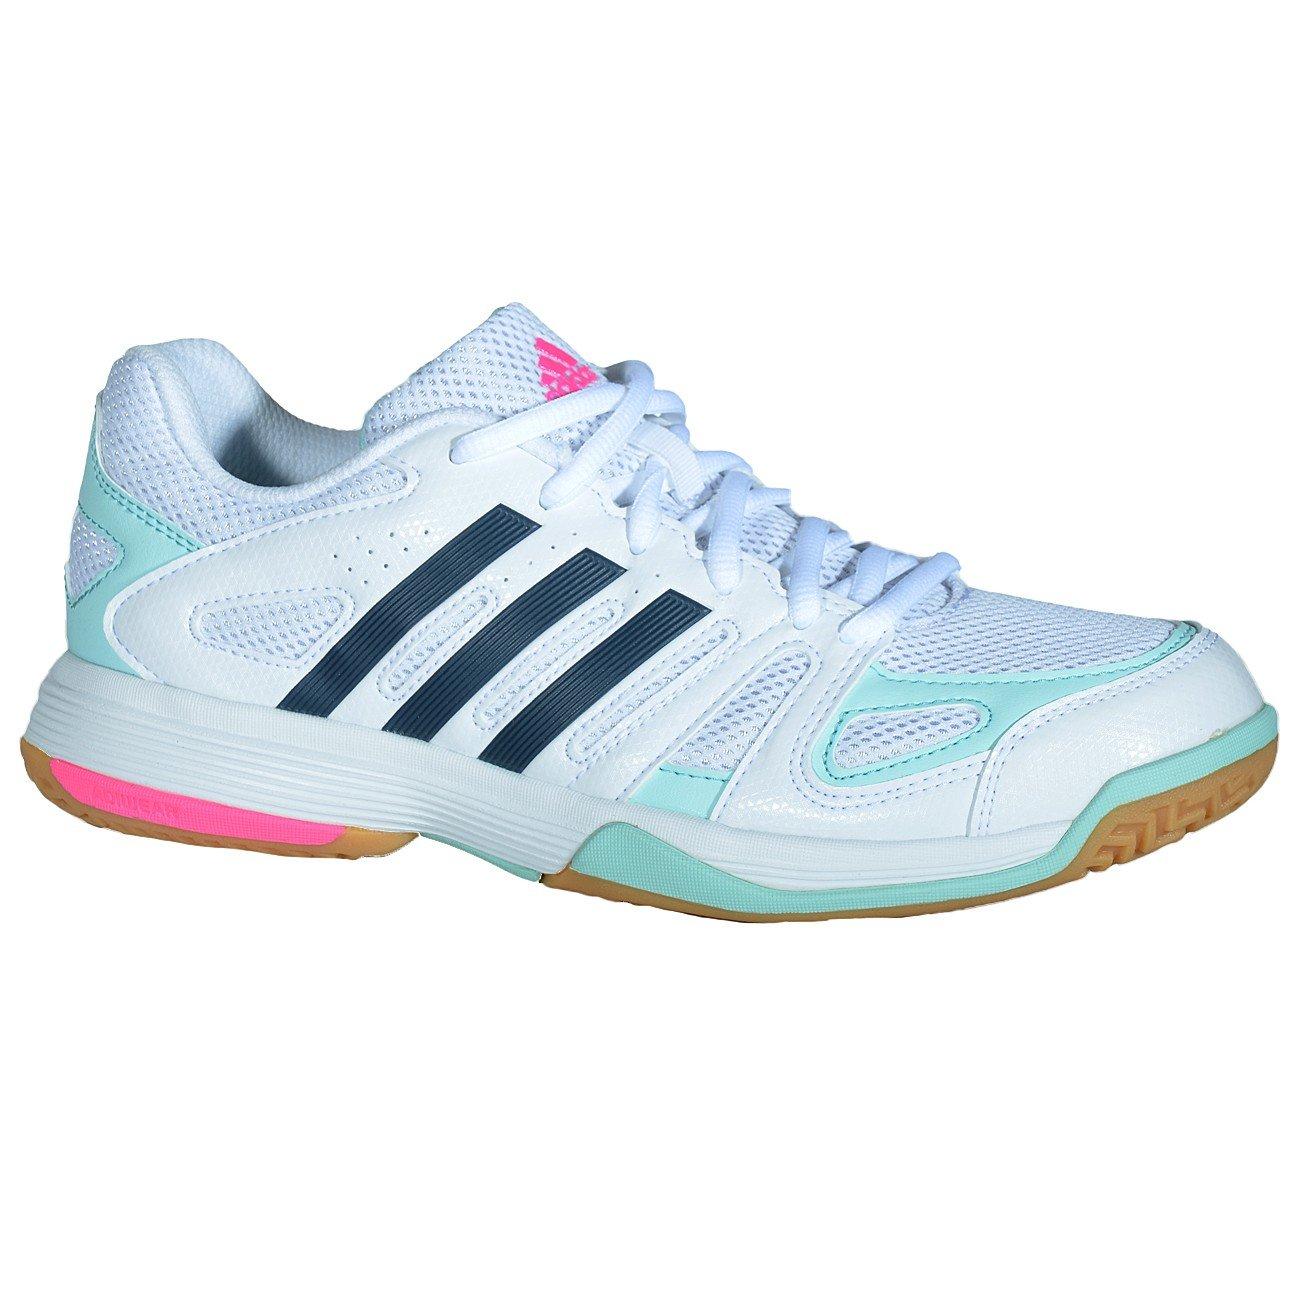 save off bd1ab 3866a Adidas Handball Speedcourt 7 Damen Ftwwhtboonixfromin, Größe Adidas7.5  Amazon.de Sport  Freizeit